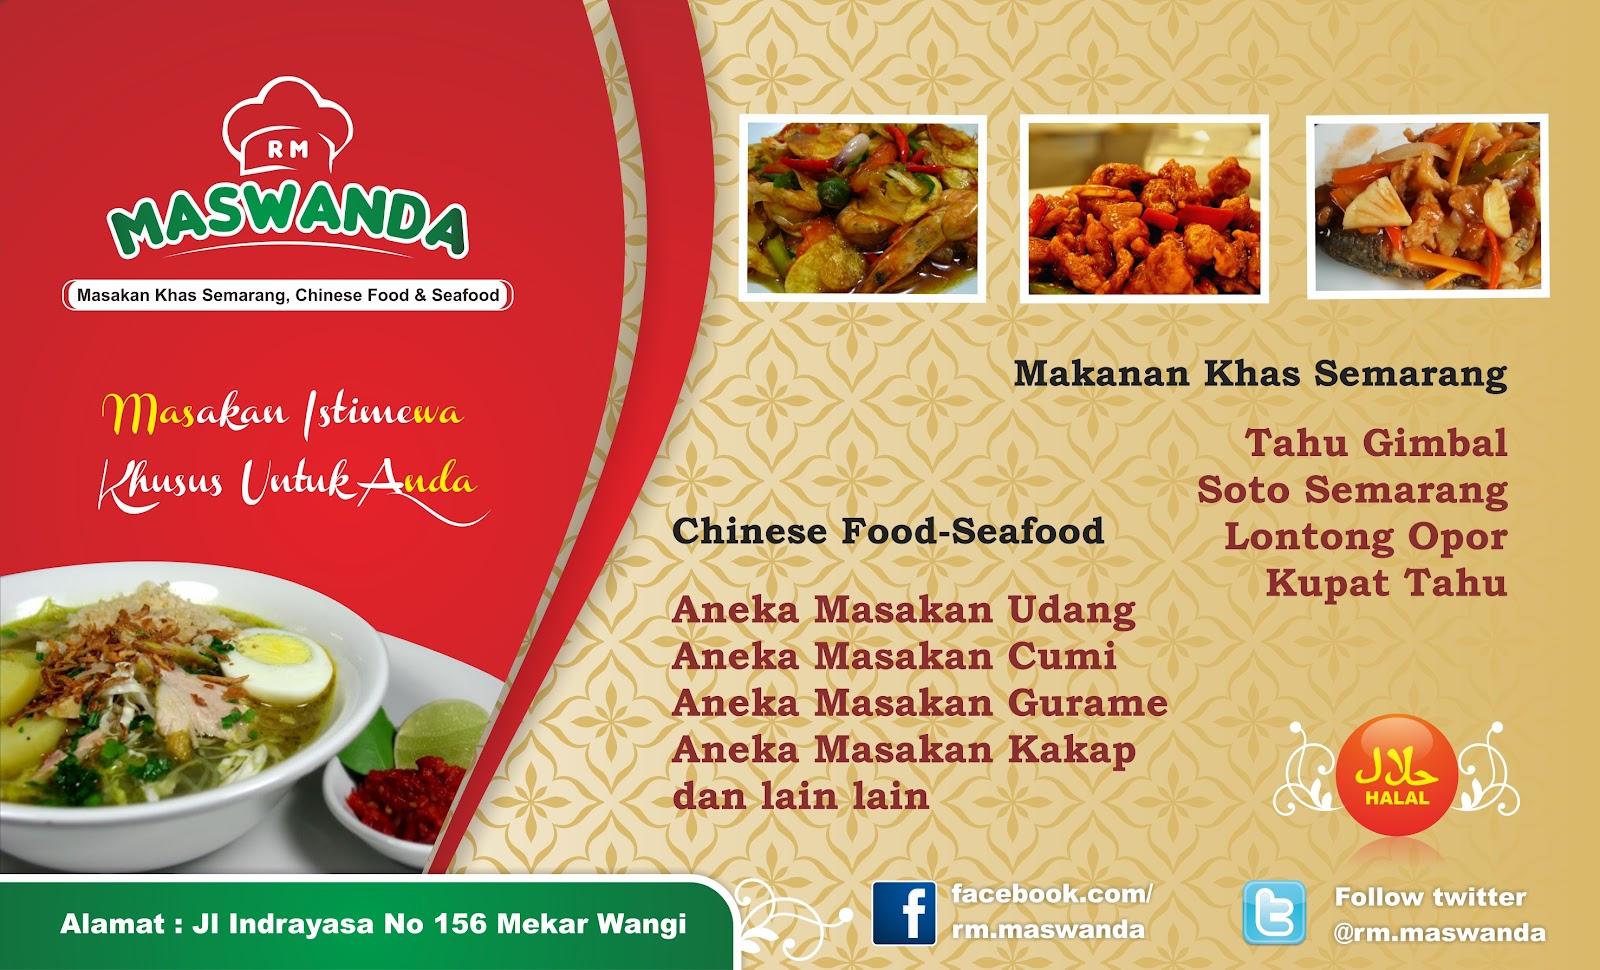 Desain Spanduk Rumah Makan Maswanda Bandung   Desain Bagus ...